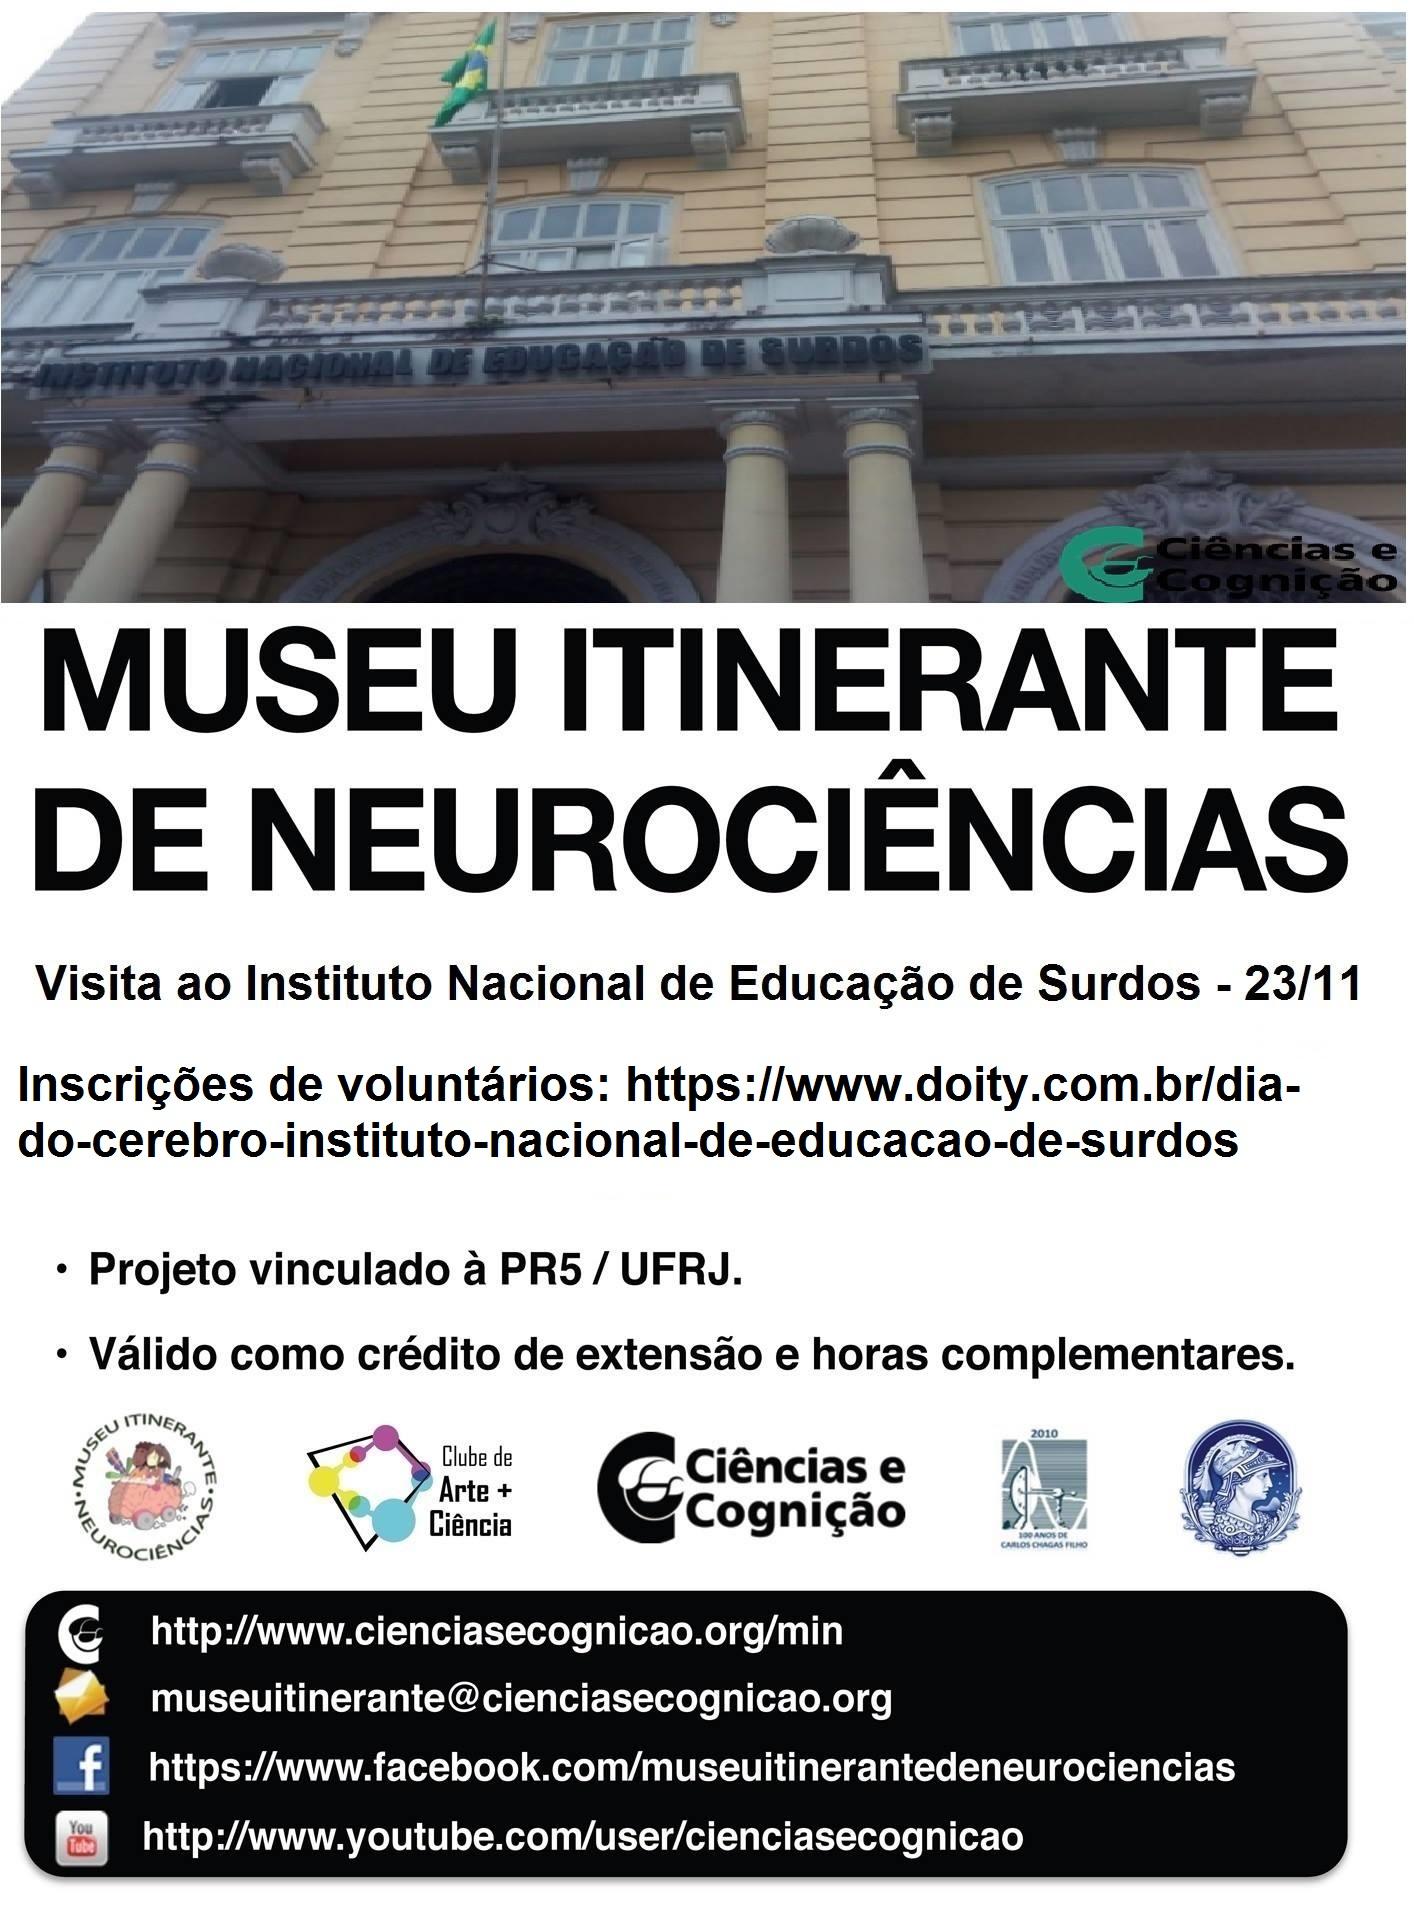 Dia do Cérebro – CIEP 016 – Abílio Henriques Correa – 28/06/2019 (sexta-feira)